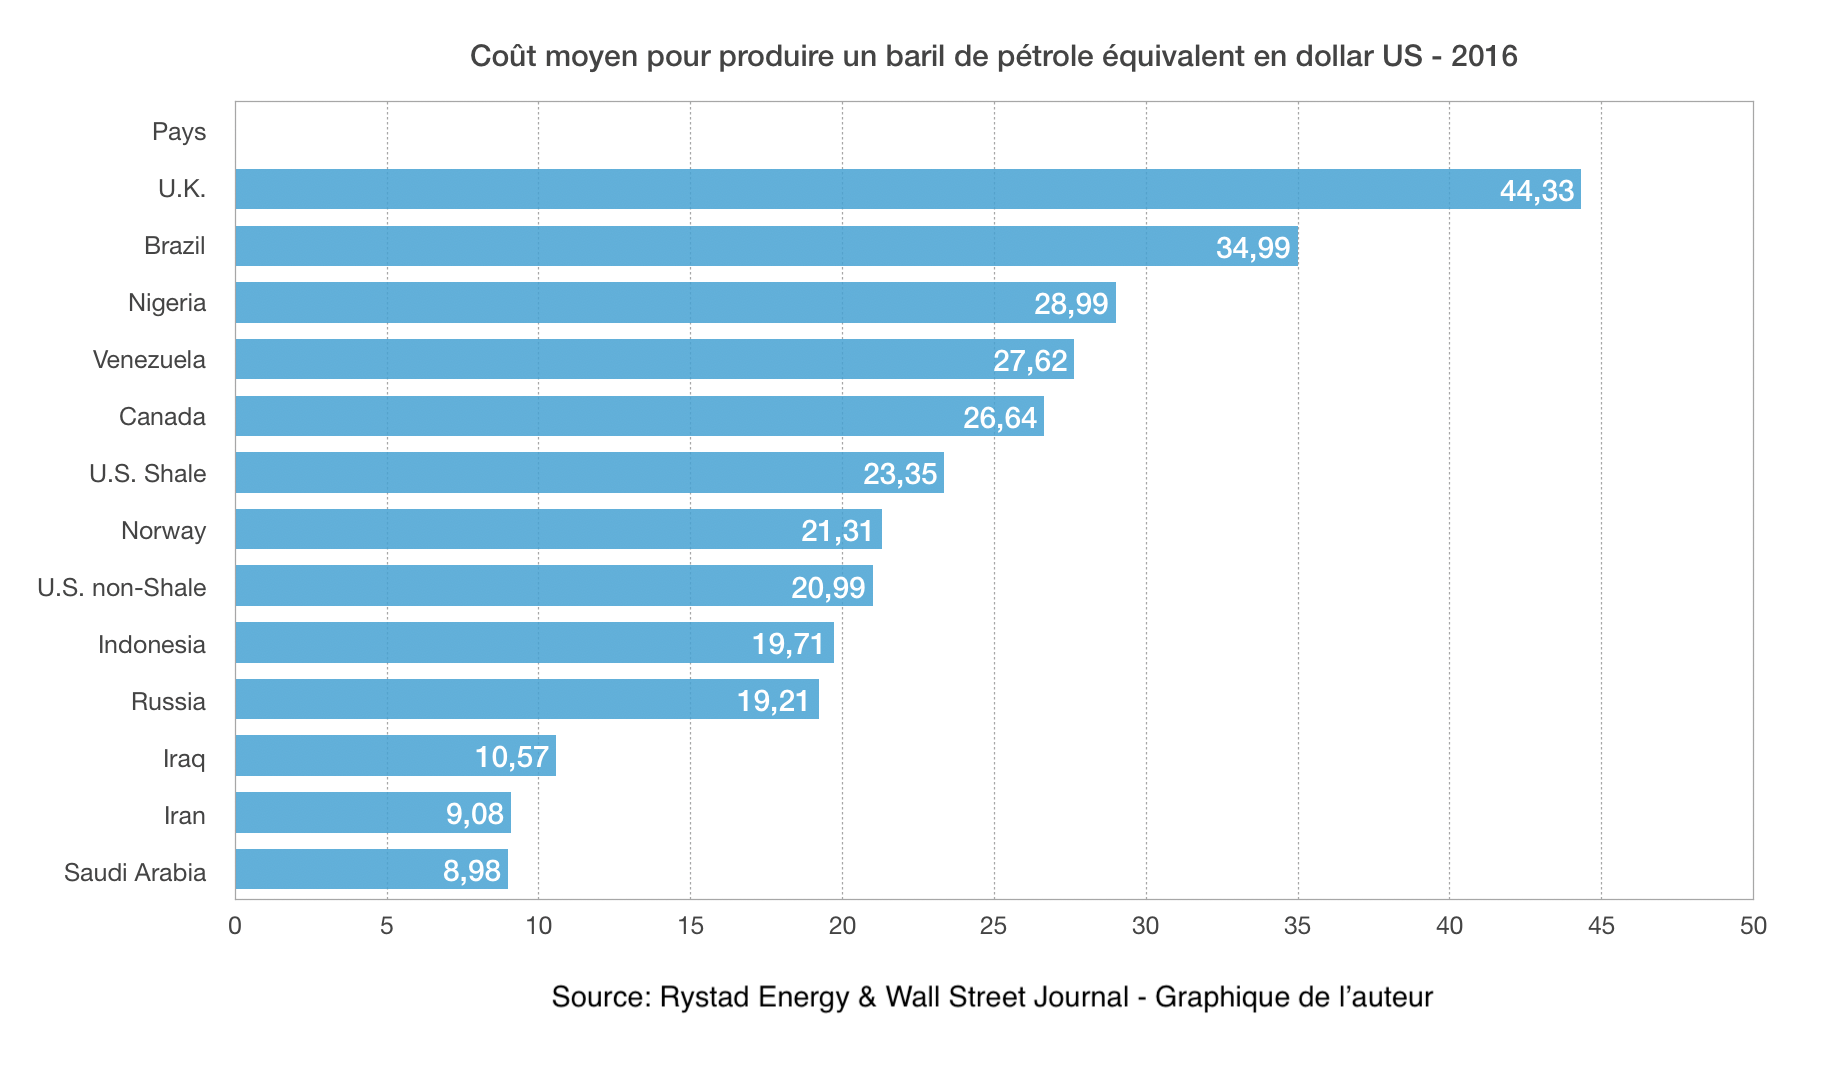 coût de production pétrolier 2016